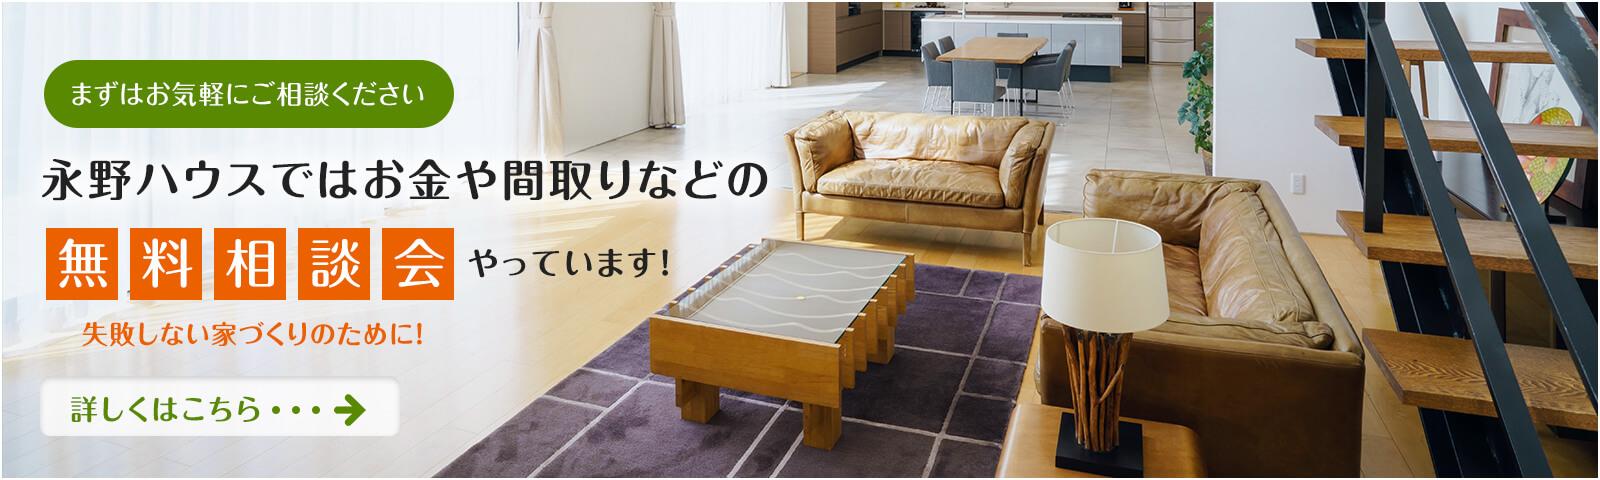 永野ハウスではお金や間取りなどの無料相談会をやっています!